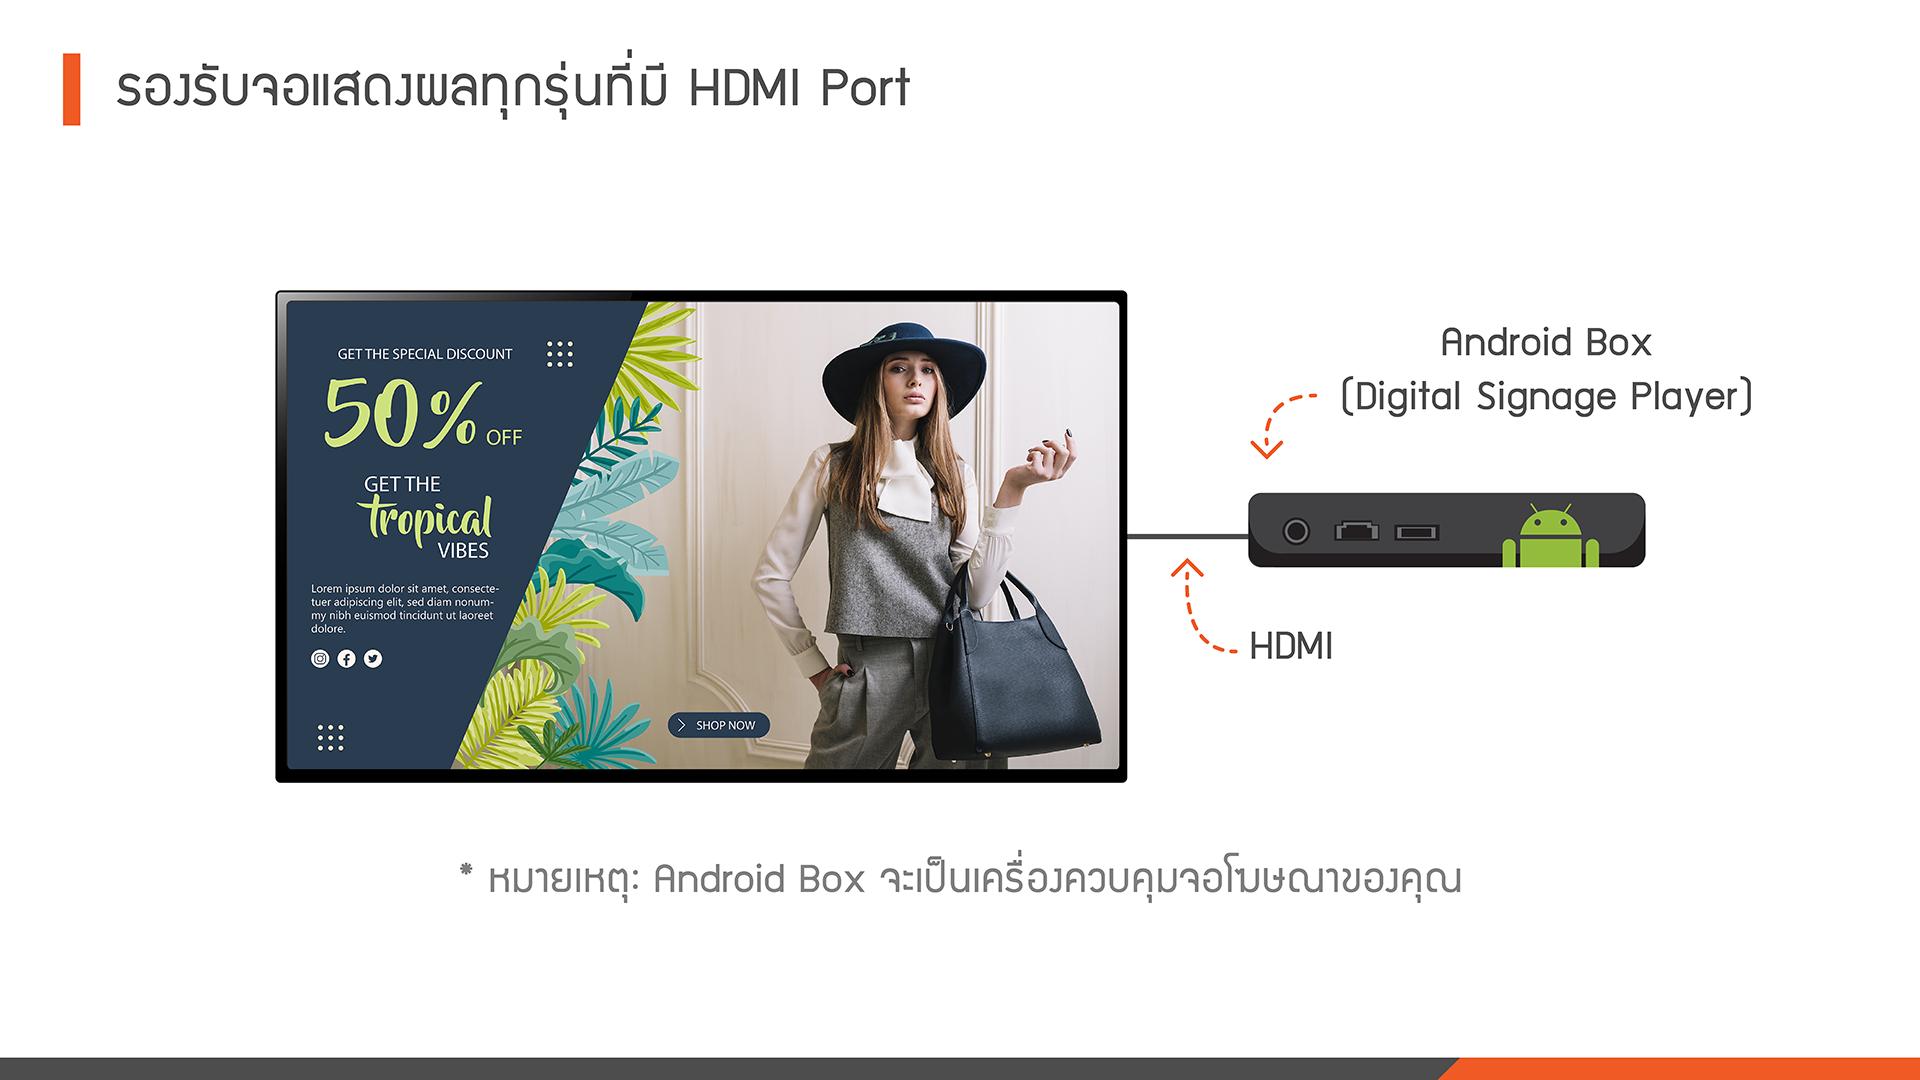 รองรับจอแสดงผลทุกรุ่นที่มี HDMI Port